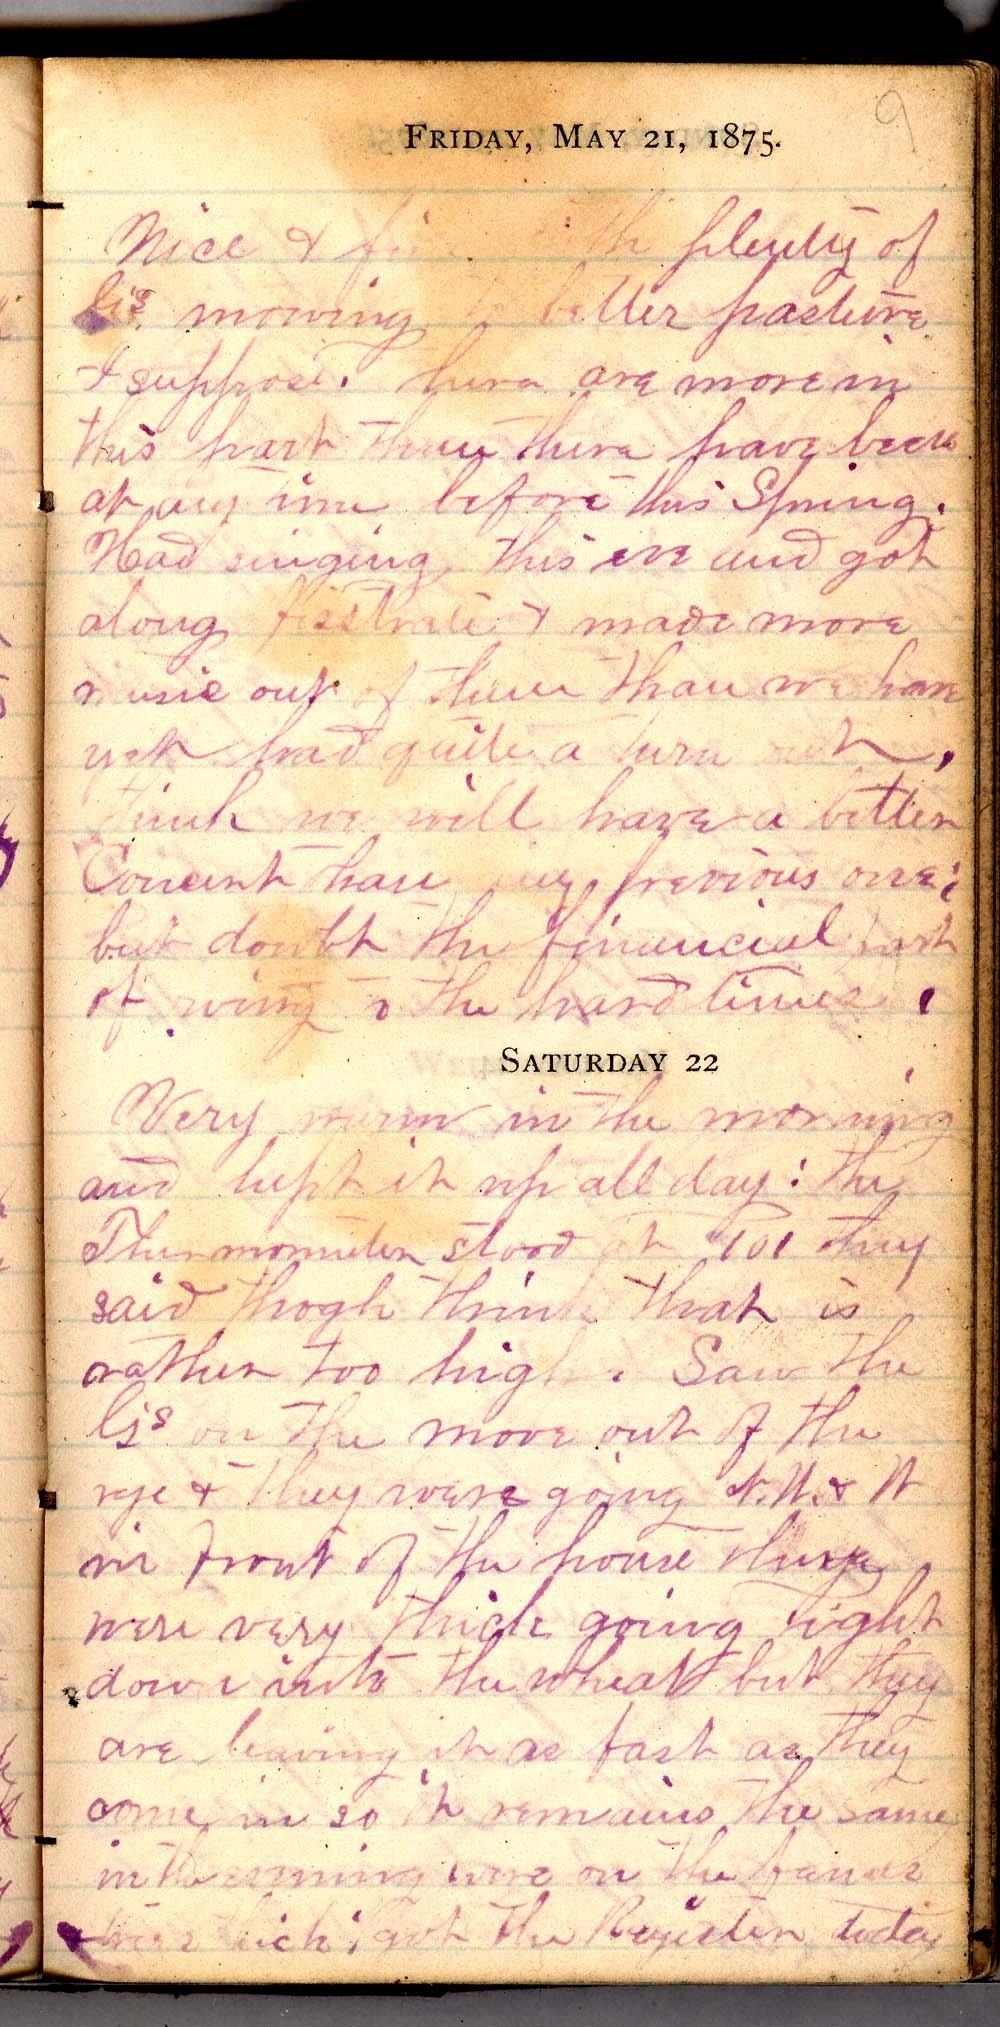 John William Gardiner diary - 9